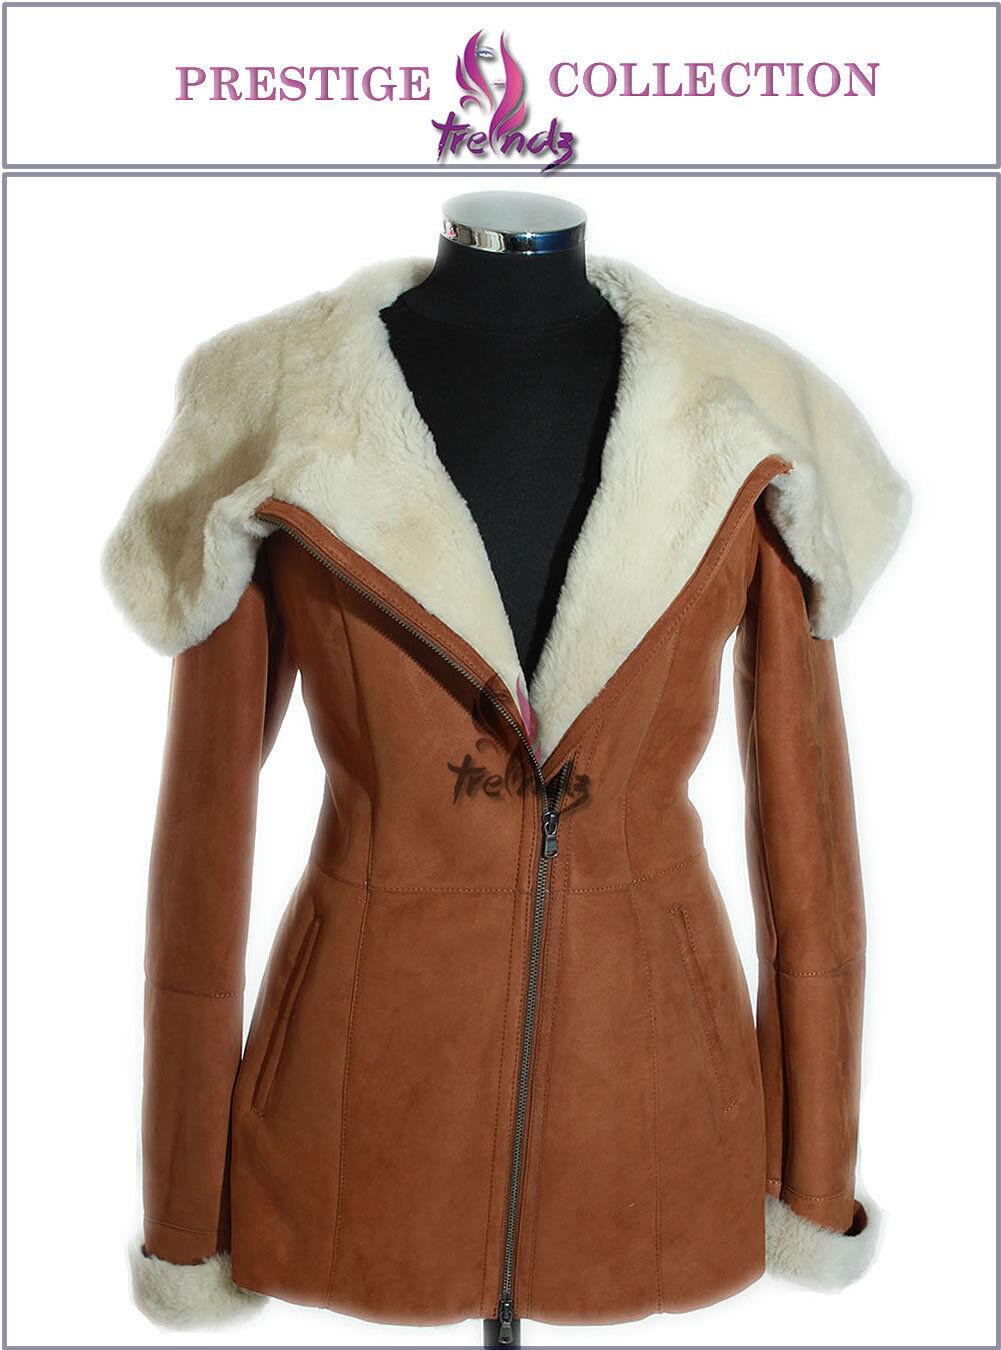 'Prestige' Sophia Tan   White Ladies Hooded Real Merino Shearling Sheepskin Coat